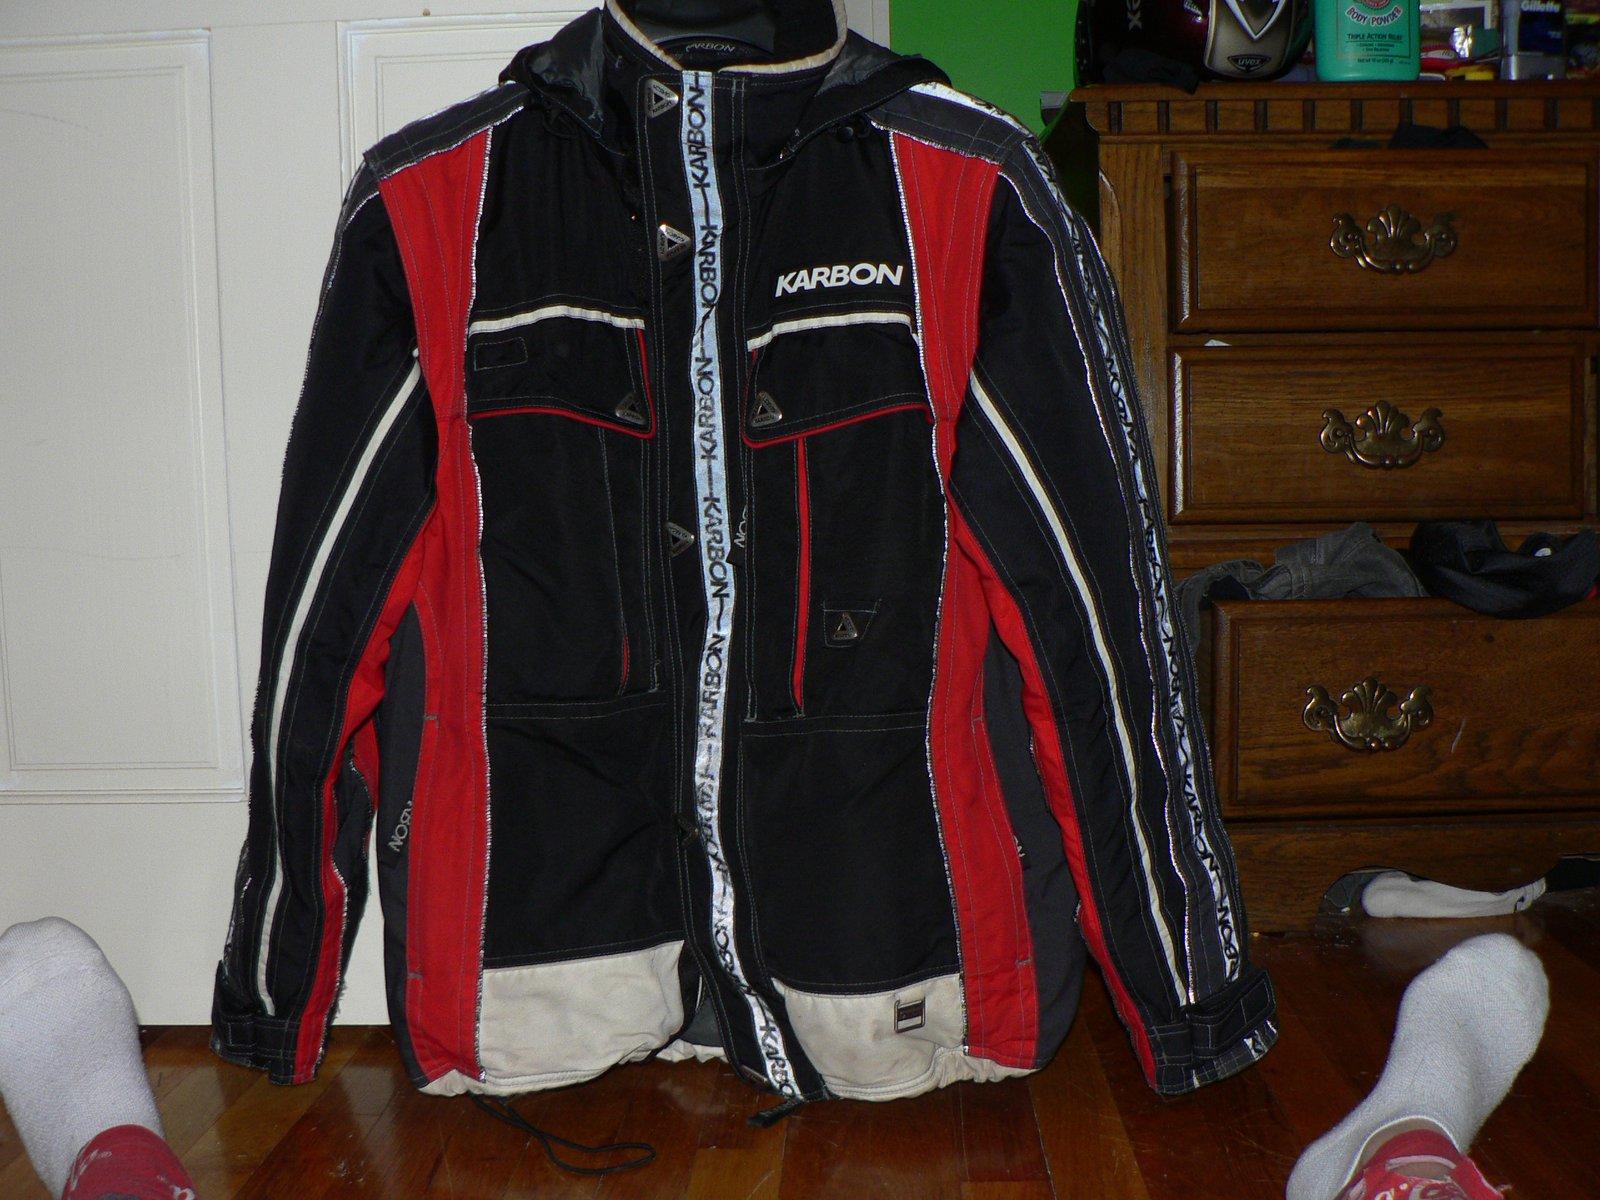 Large Karbon Jacket